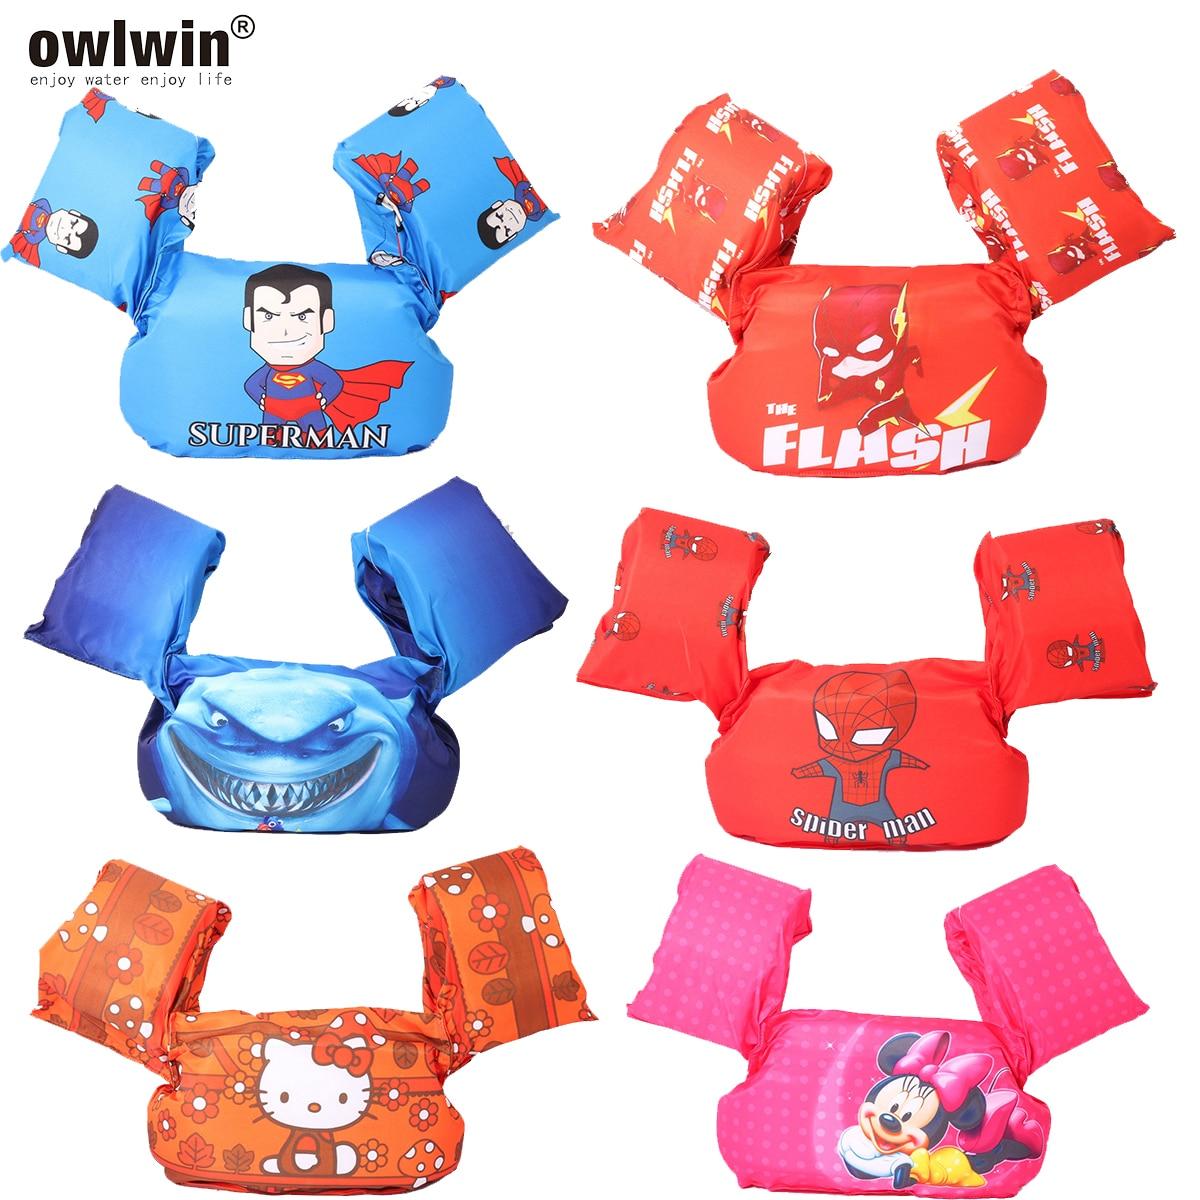 Puddle Jumper Baby Boy Girl Child Children  Life Jacket Life Vest Dropshipper Link